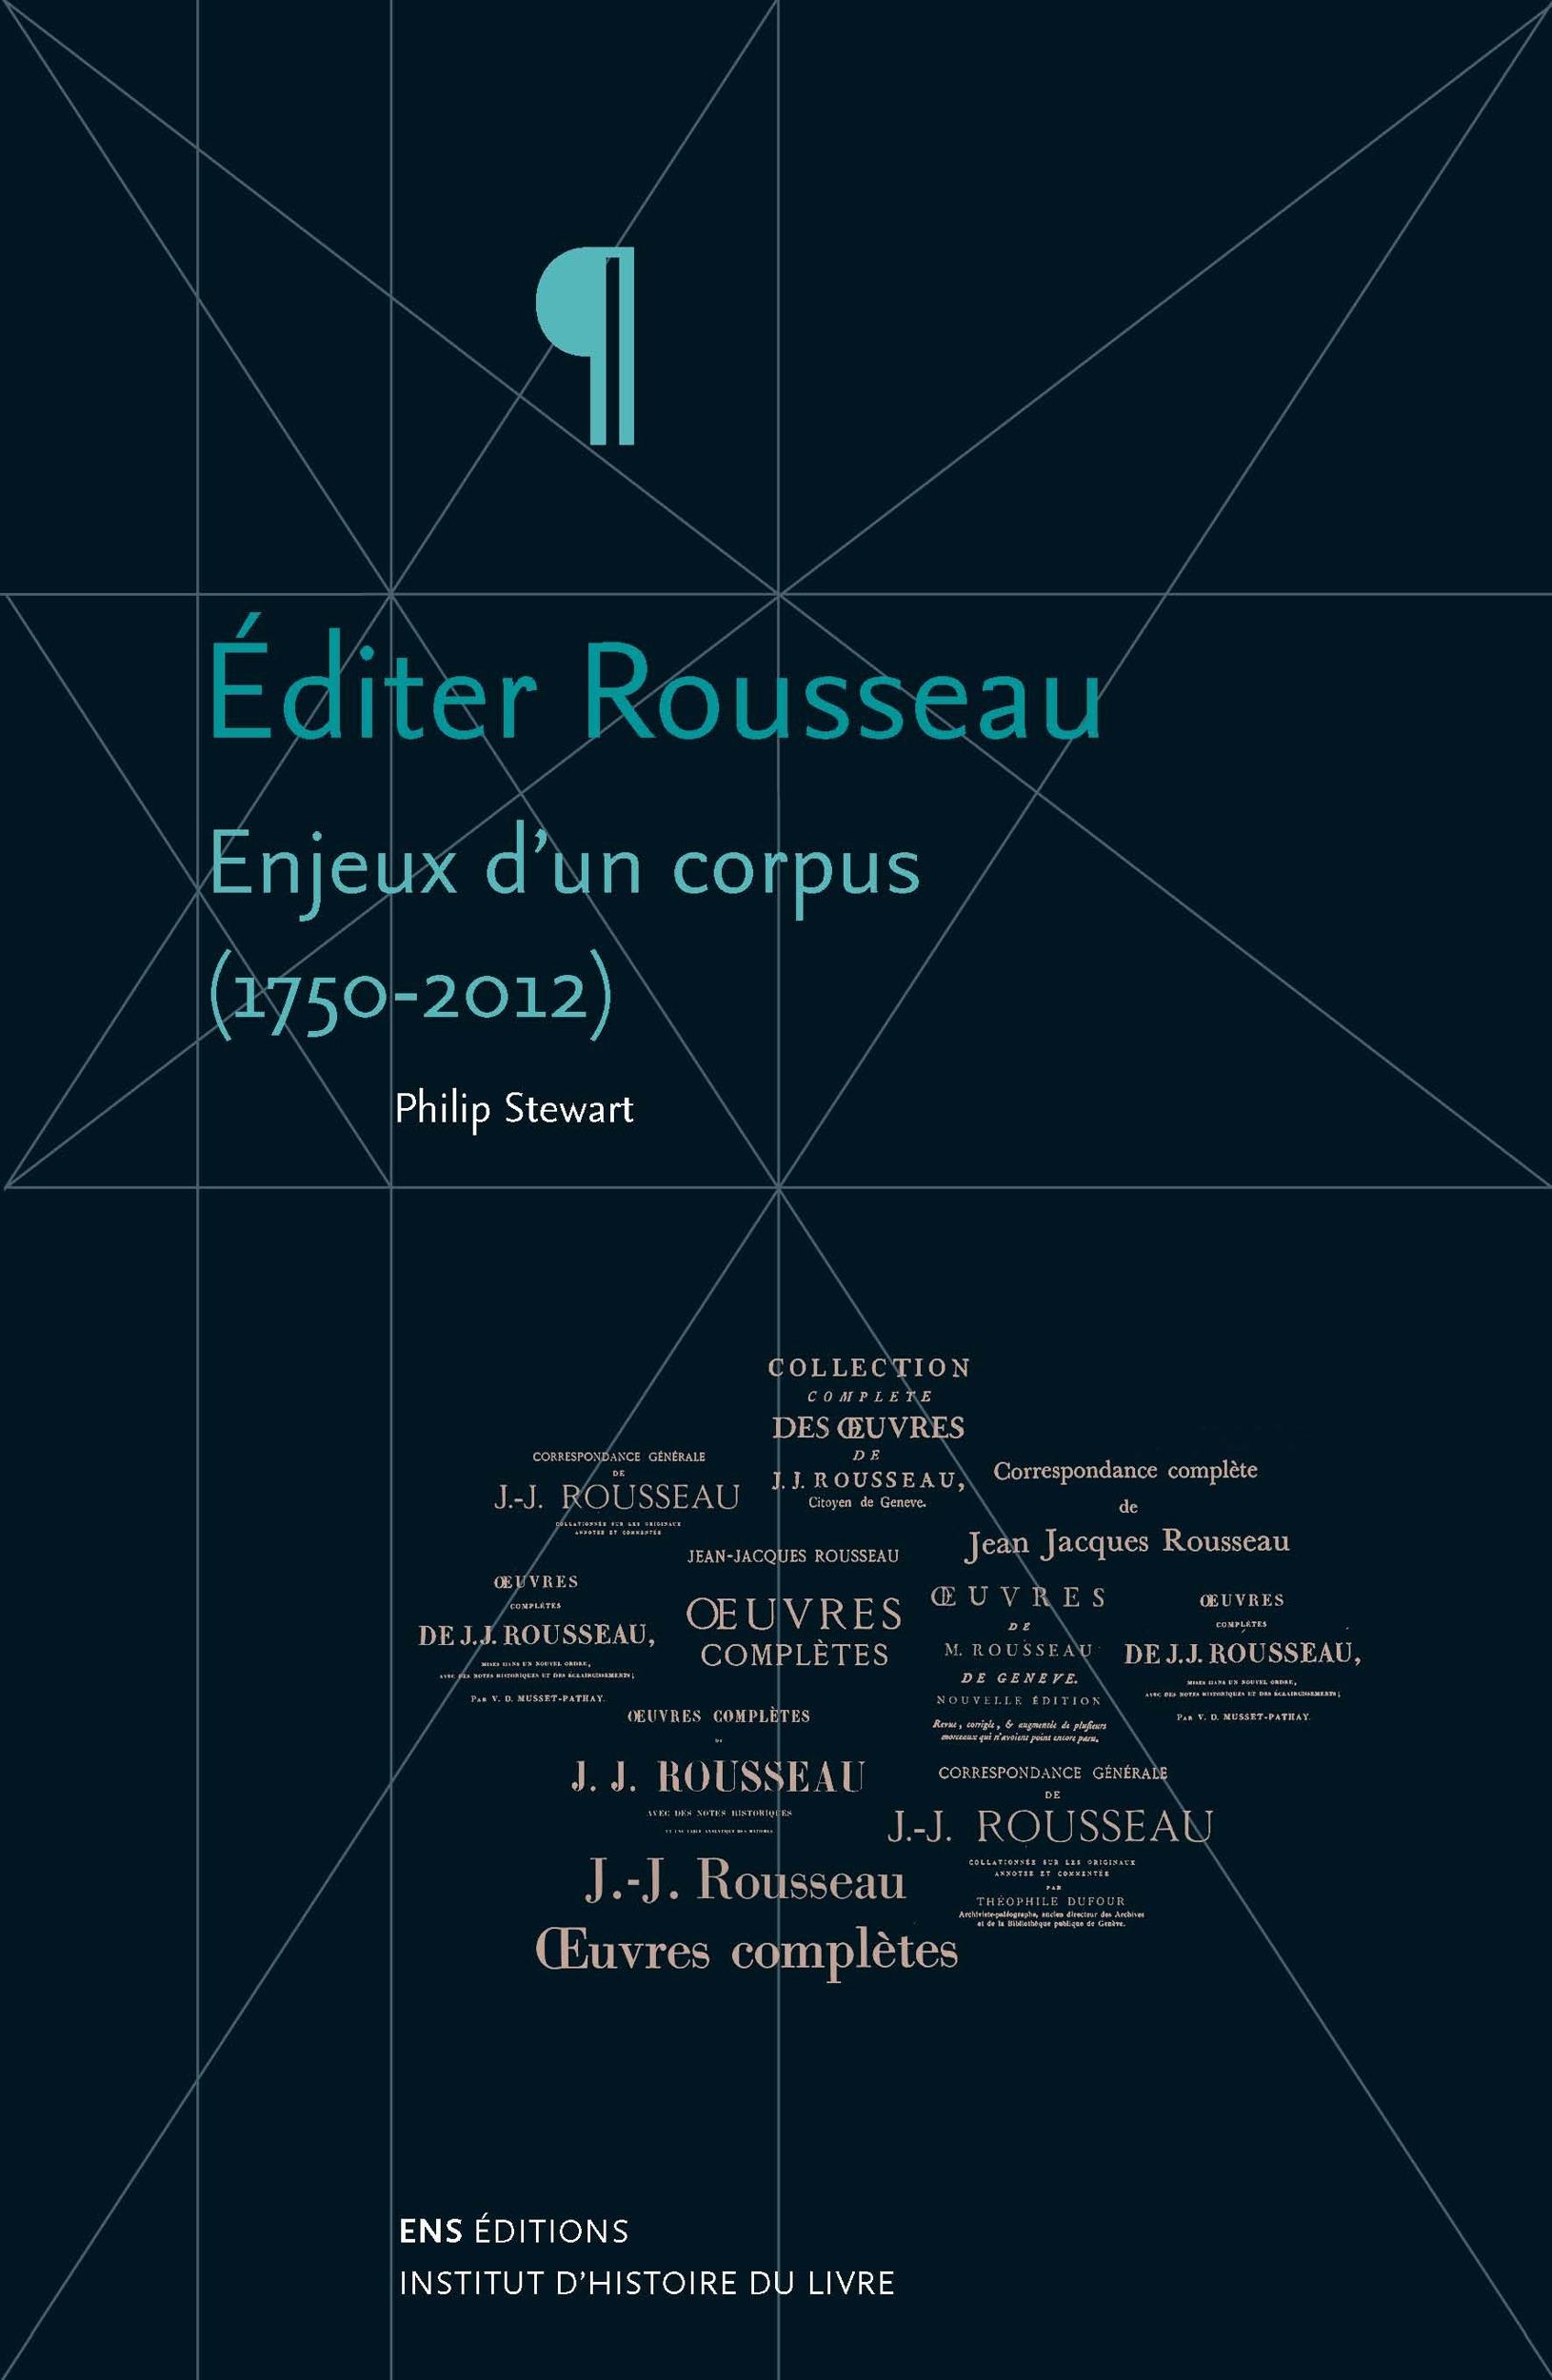 Editer rousseau. enjeux d'un corpus (1750-2012)